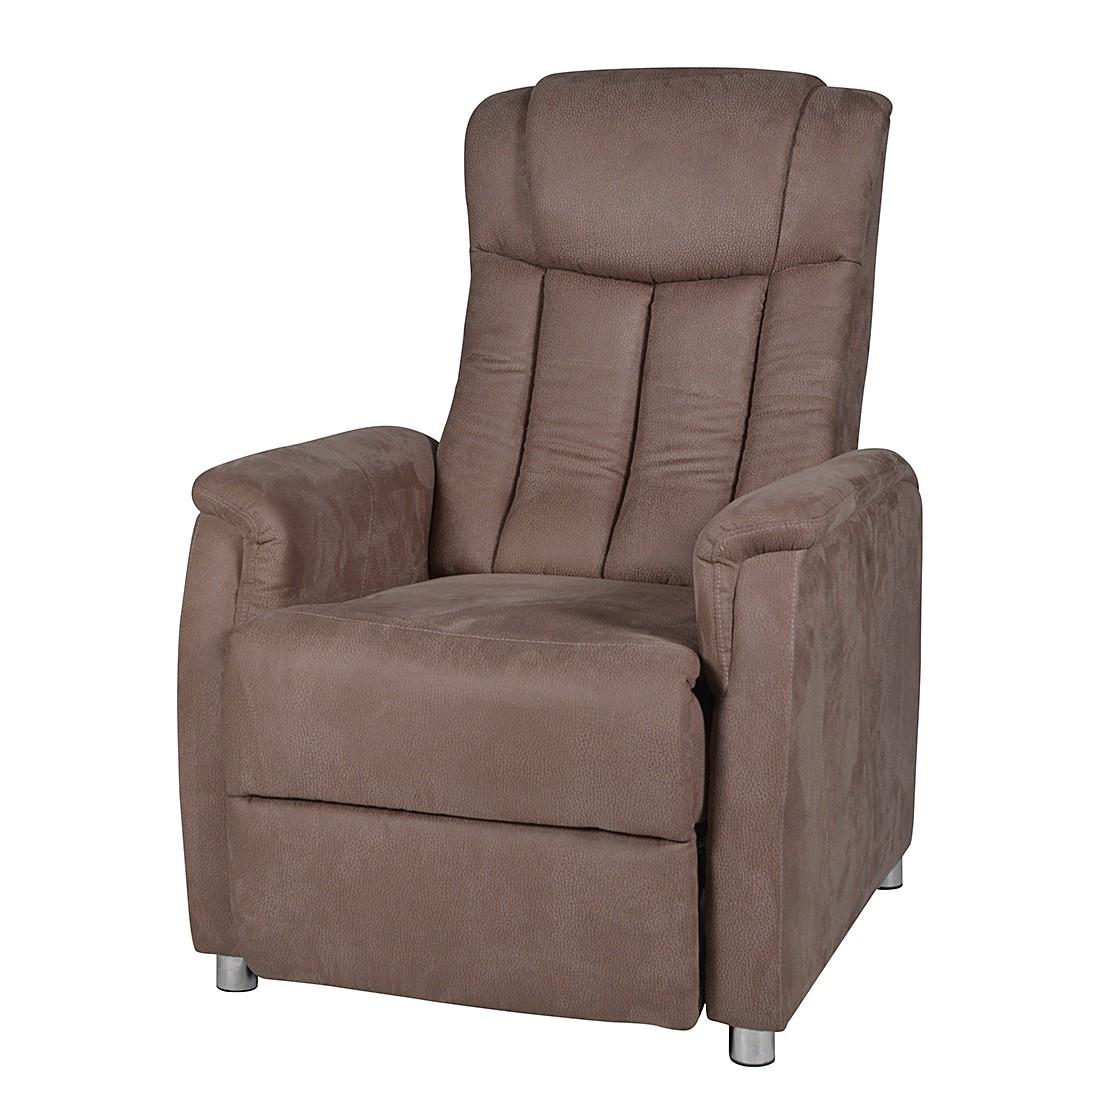 fauteuil de relaxation juist microfibre aspect cuir marron duo collection le fait main. Black Bedroom Furniture Sets. Home Design Ideas